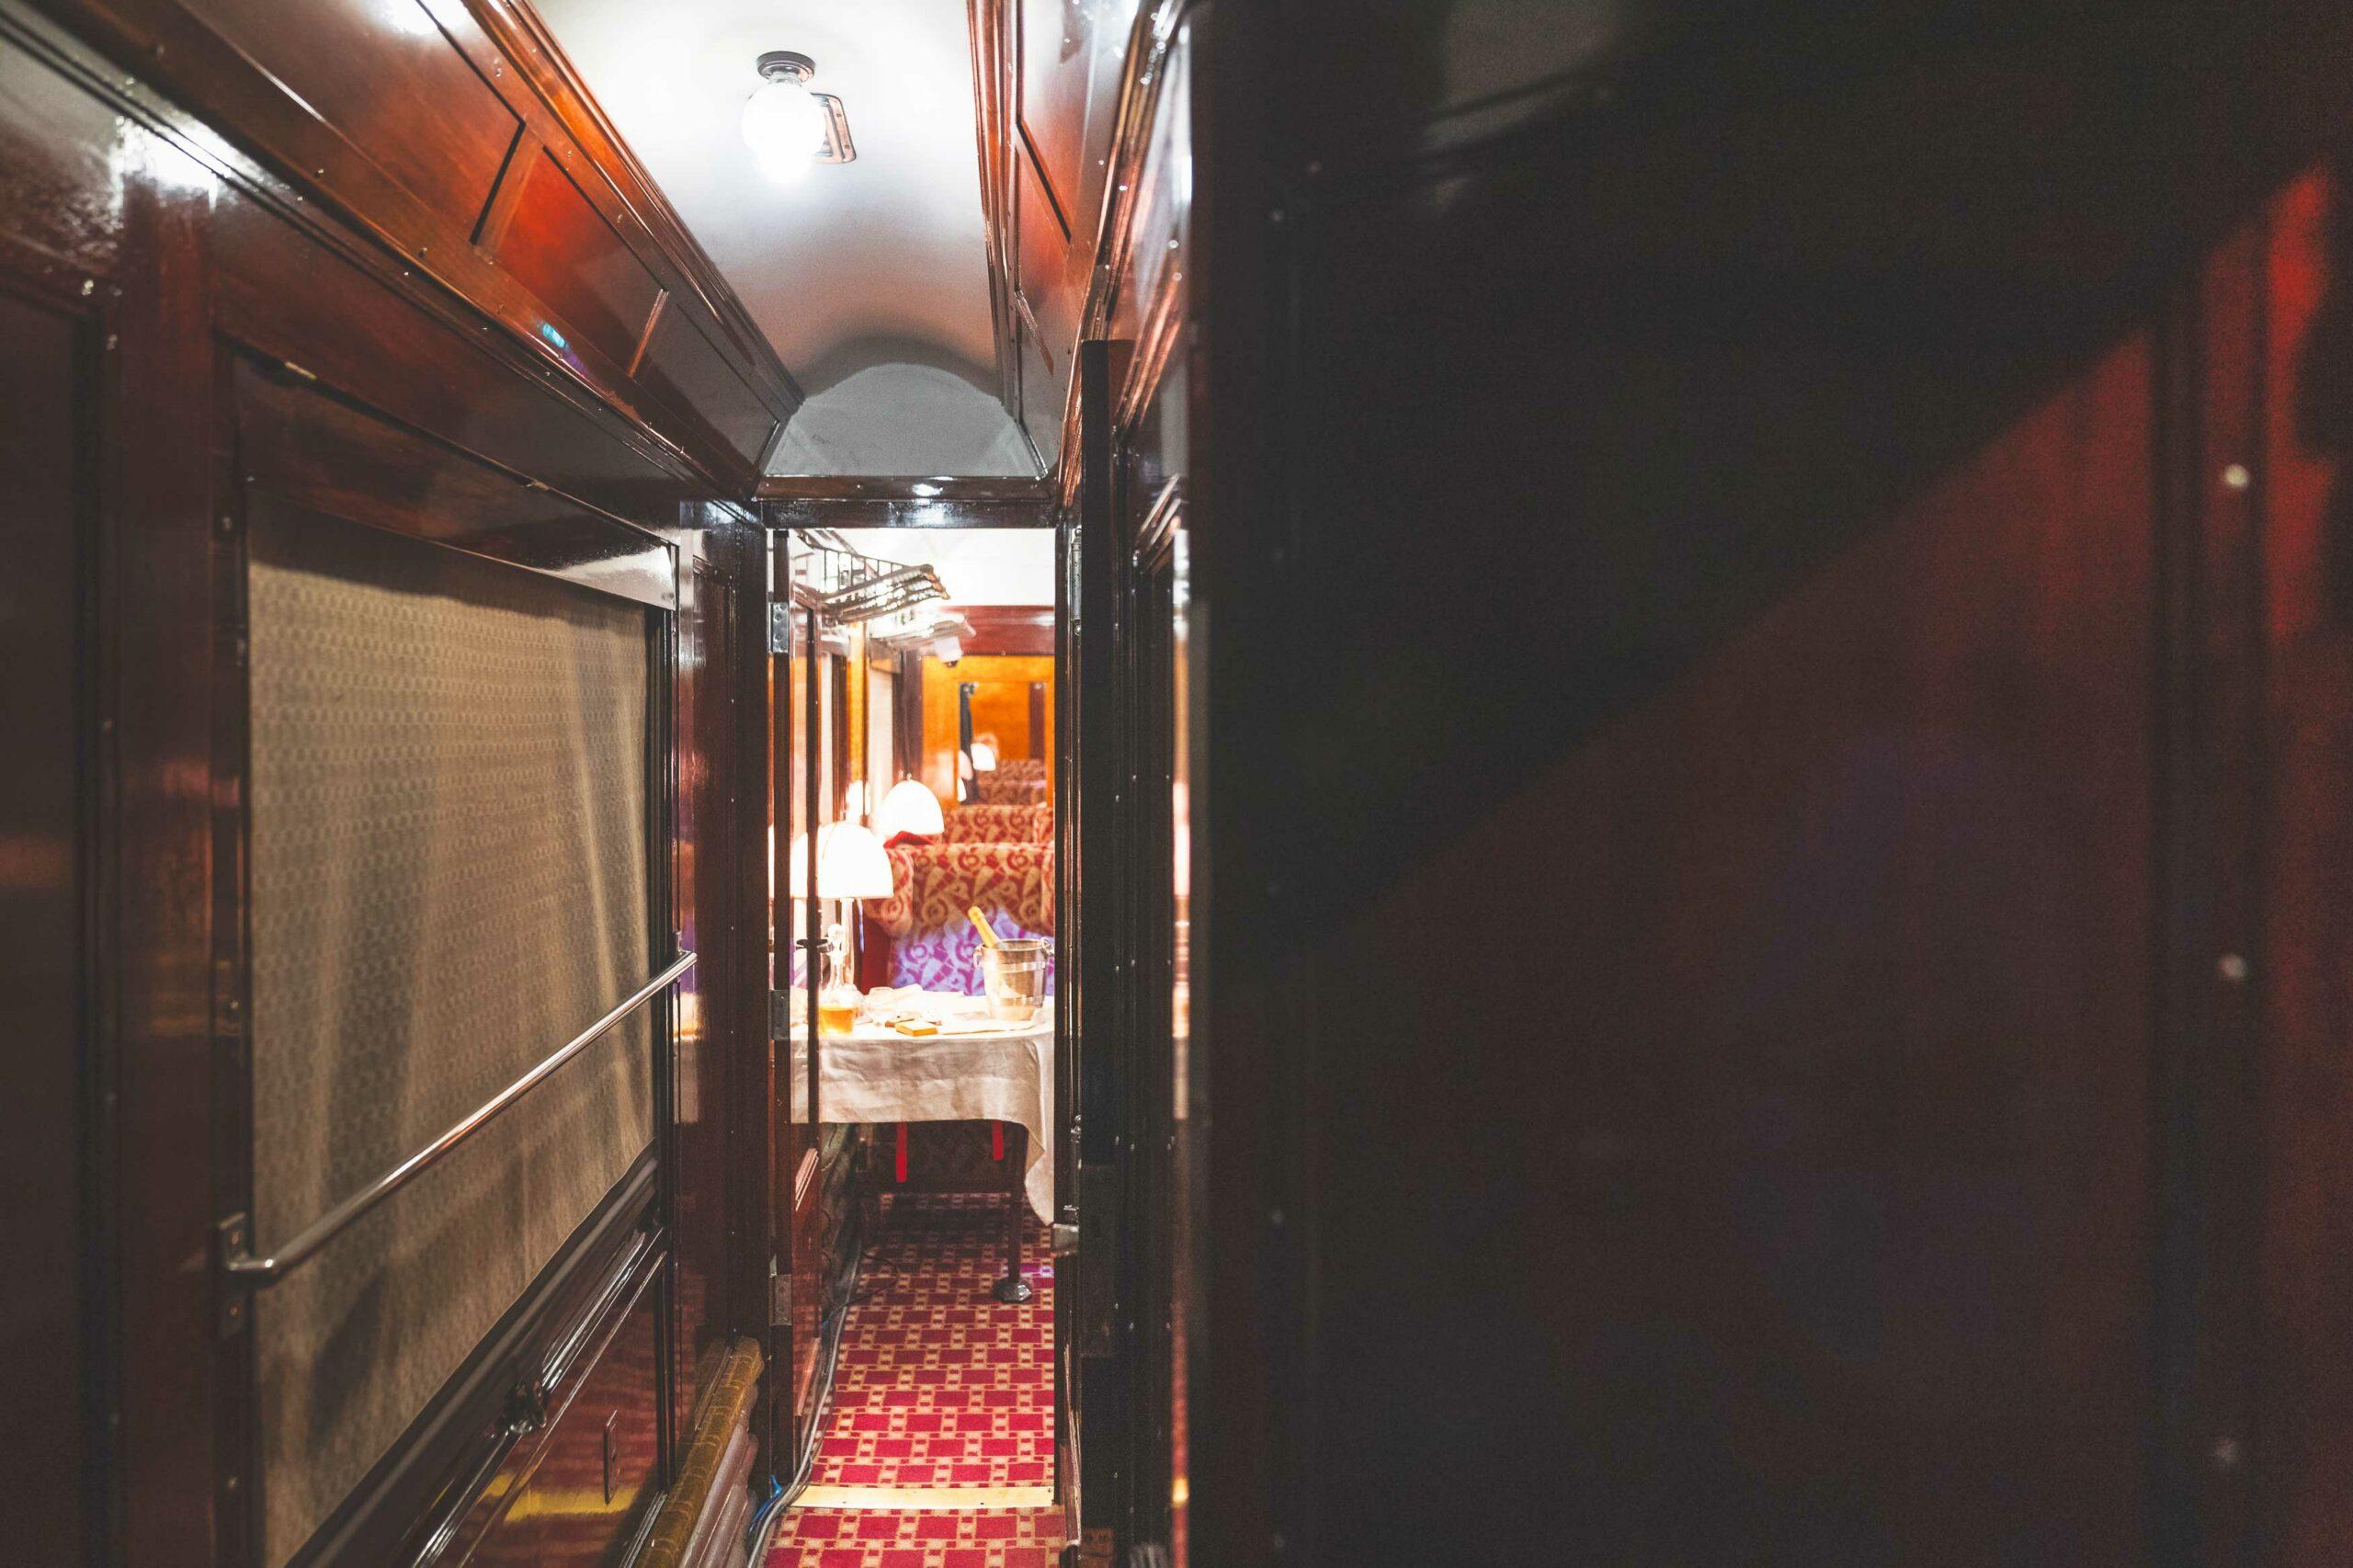 Interior of Original Orient Express